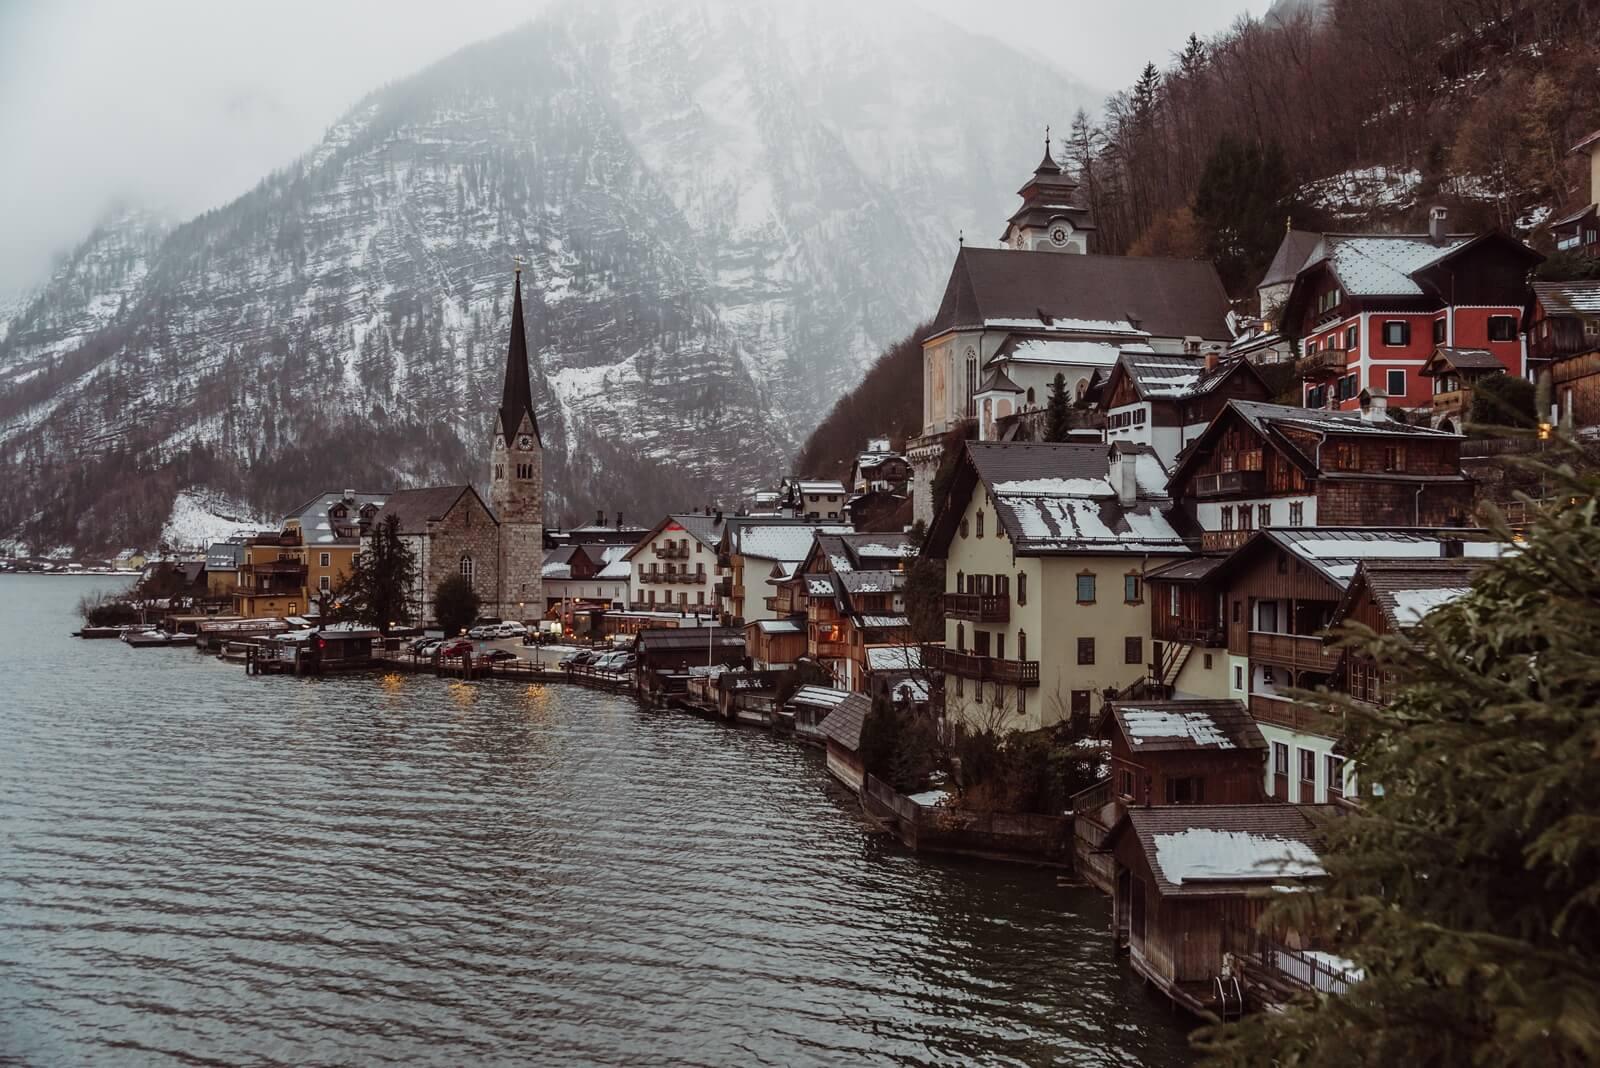 hallstatt-austria-lavienblog-allrightsreserved-main